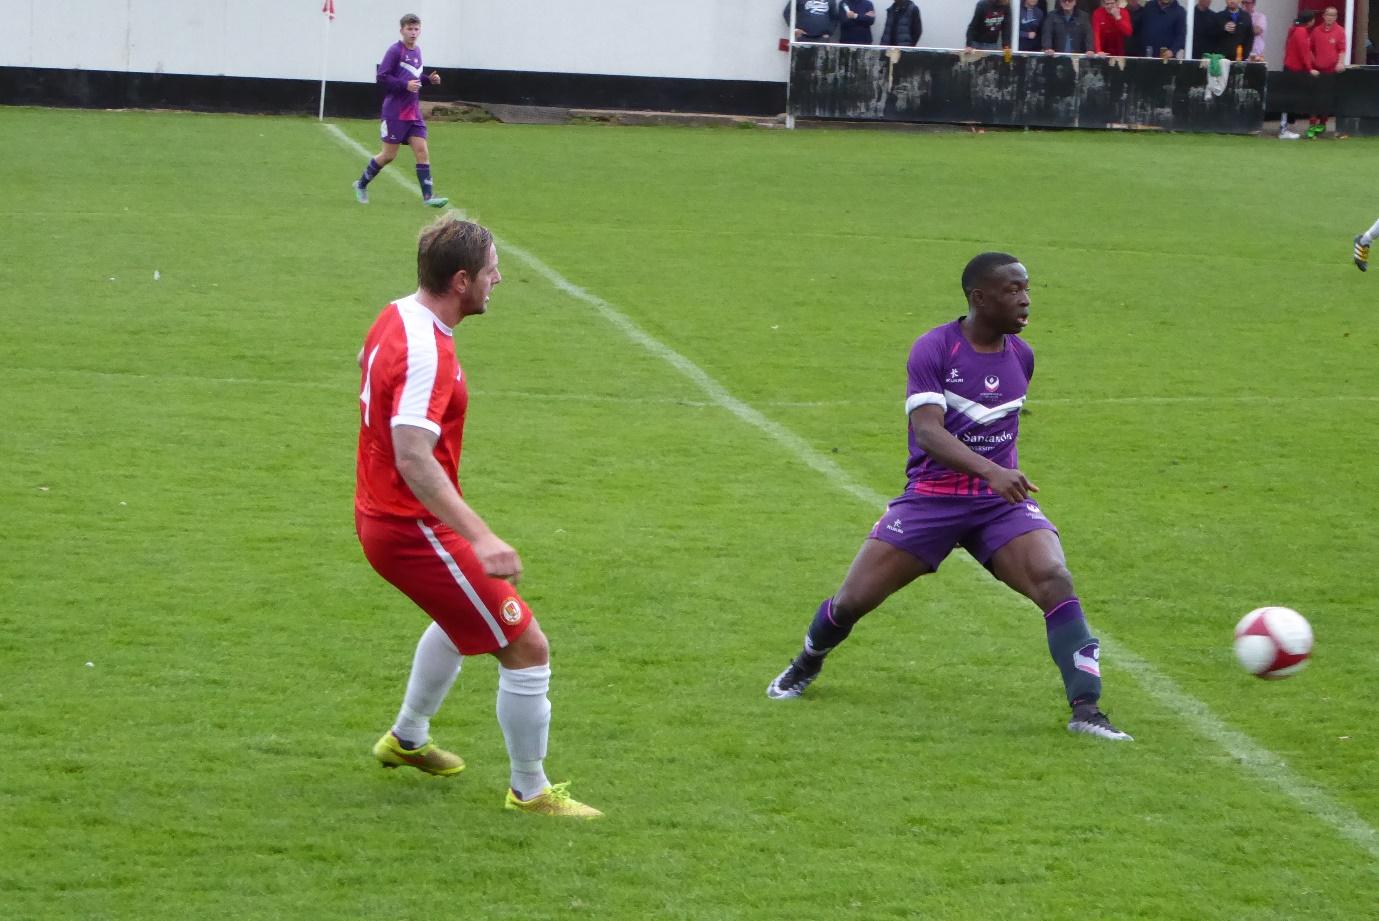 Sportsmen in action